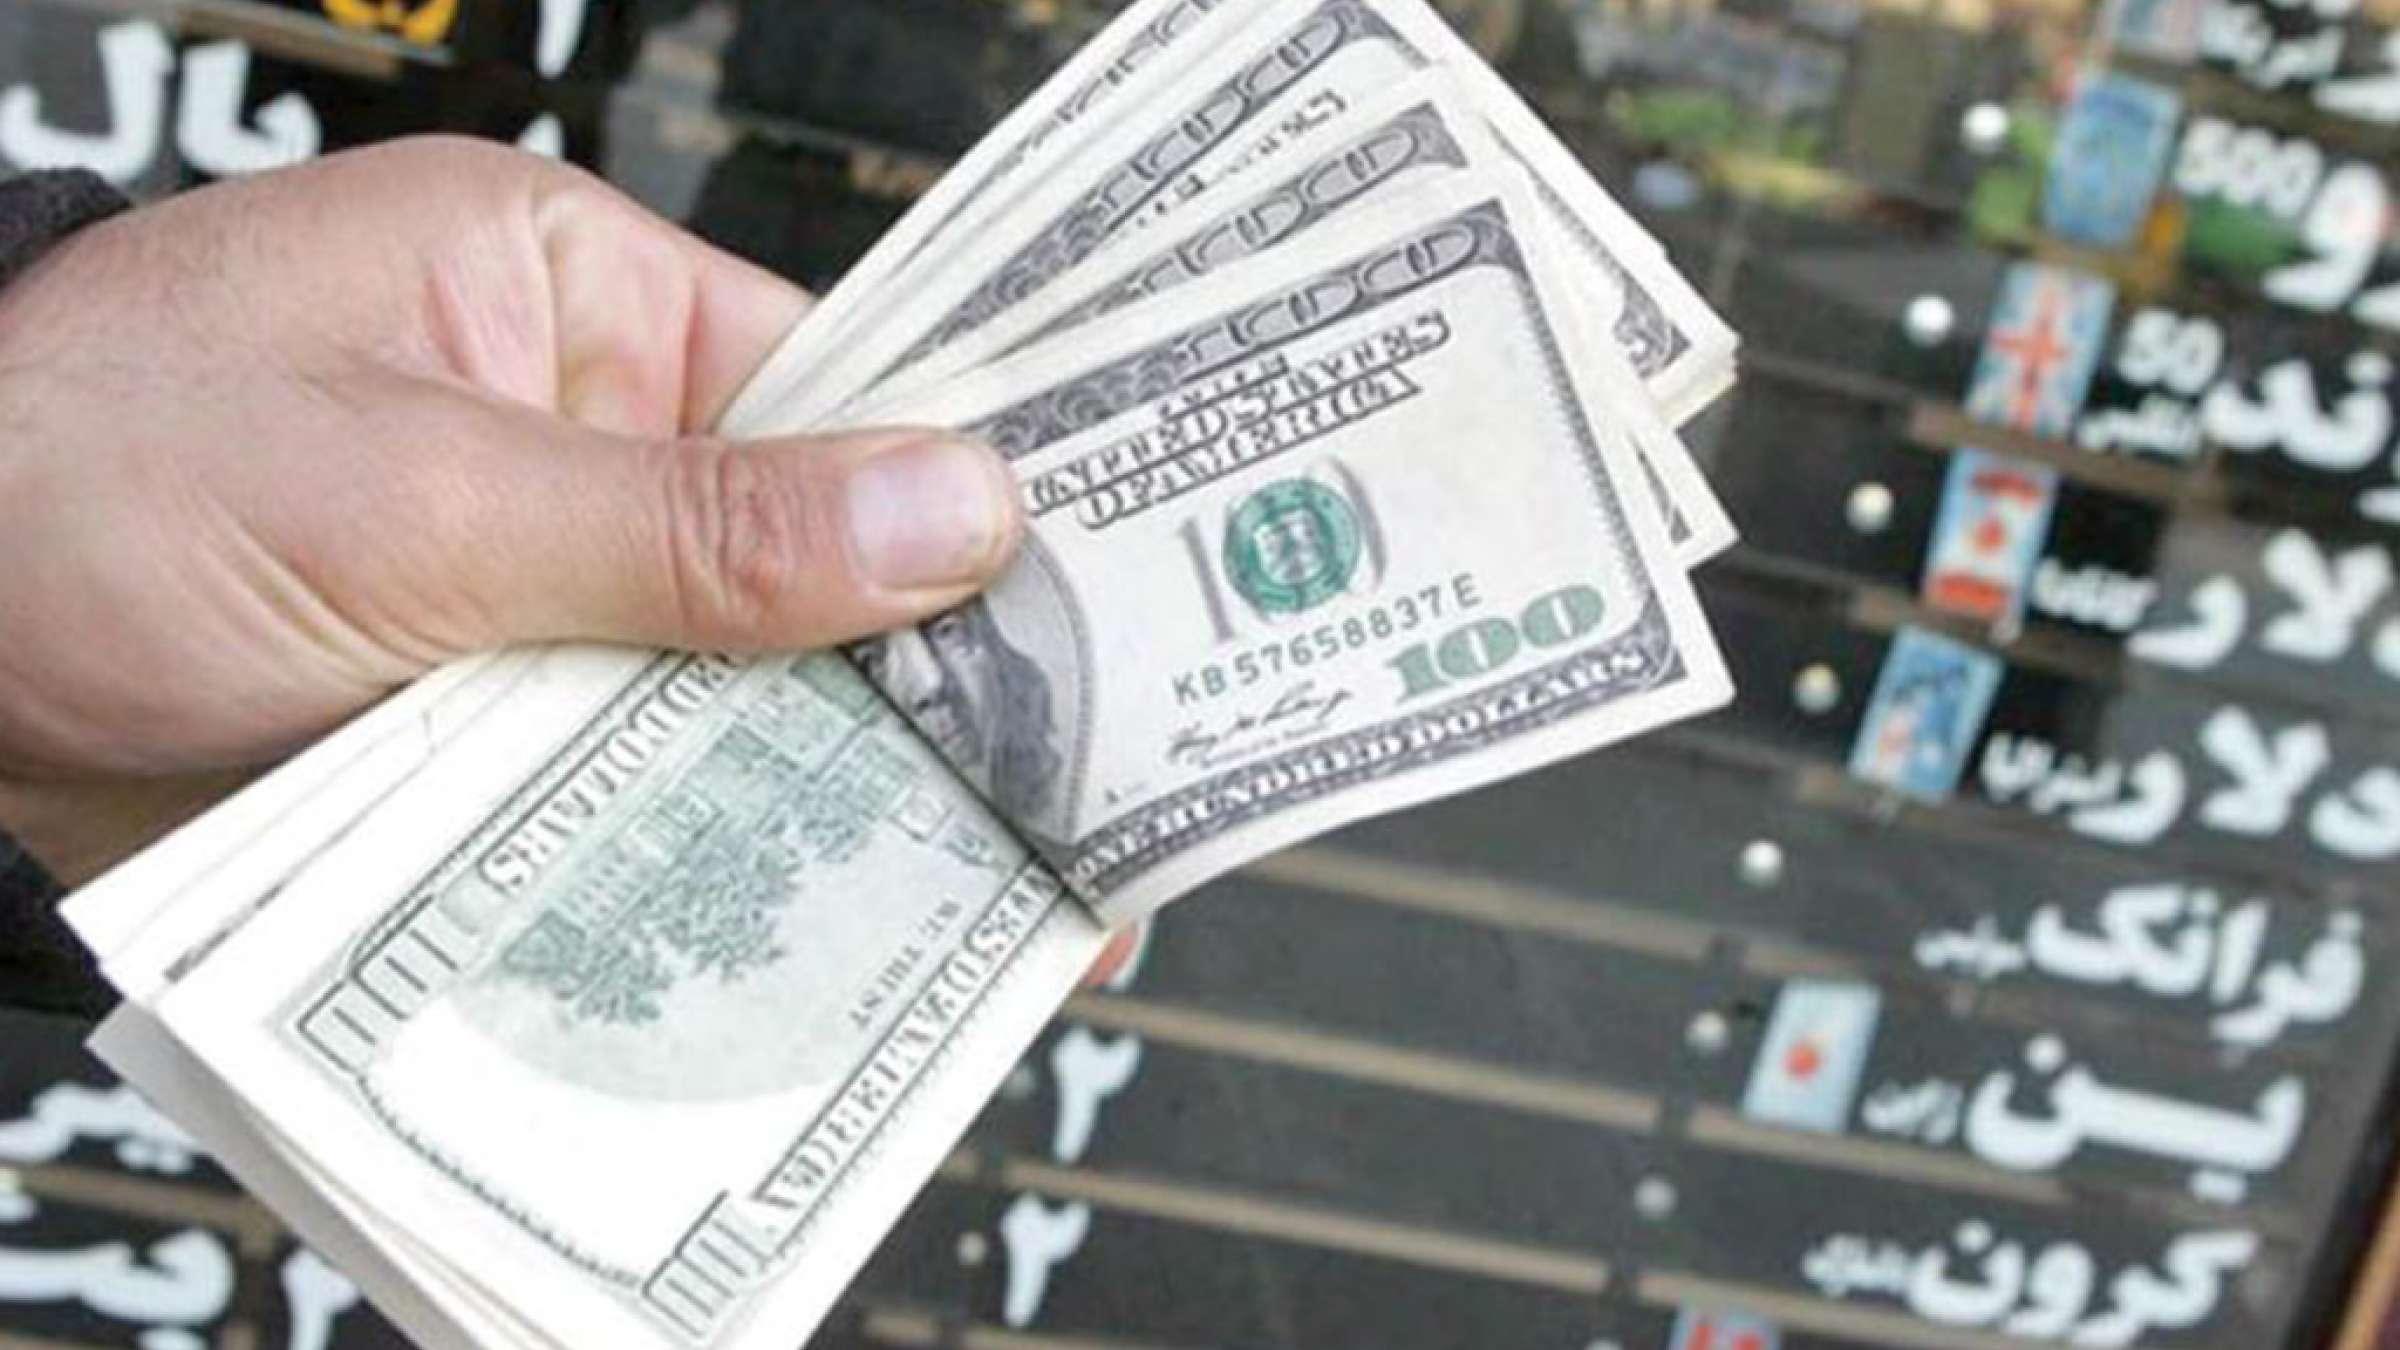 اقتصاد-تنباکویی-معمای-قیمت-دلار-در-بازار-ارز-ایران-چه-میگذرد